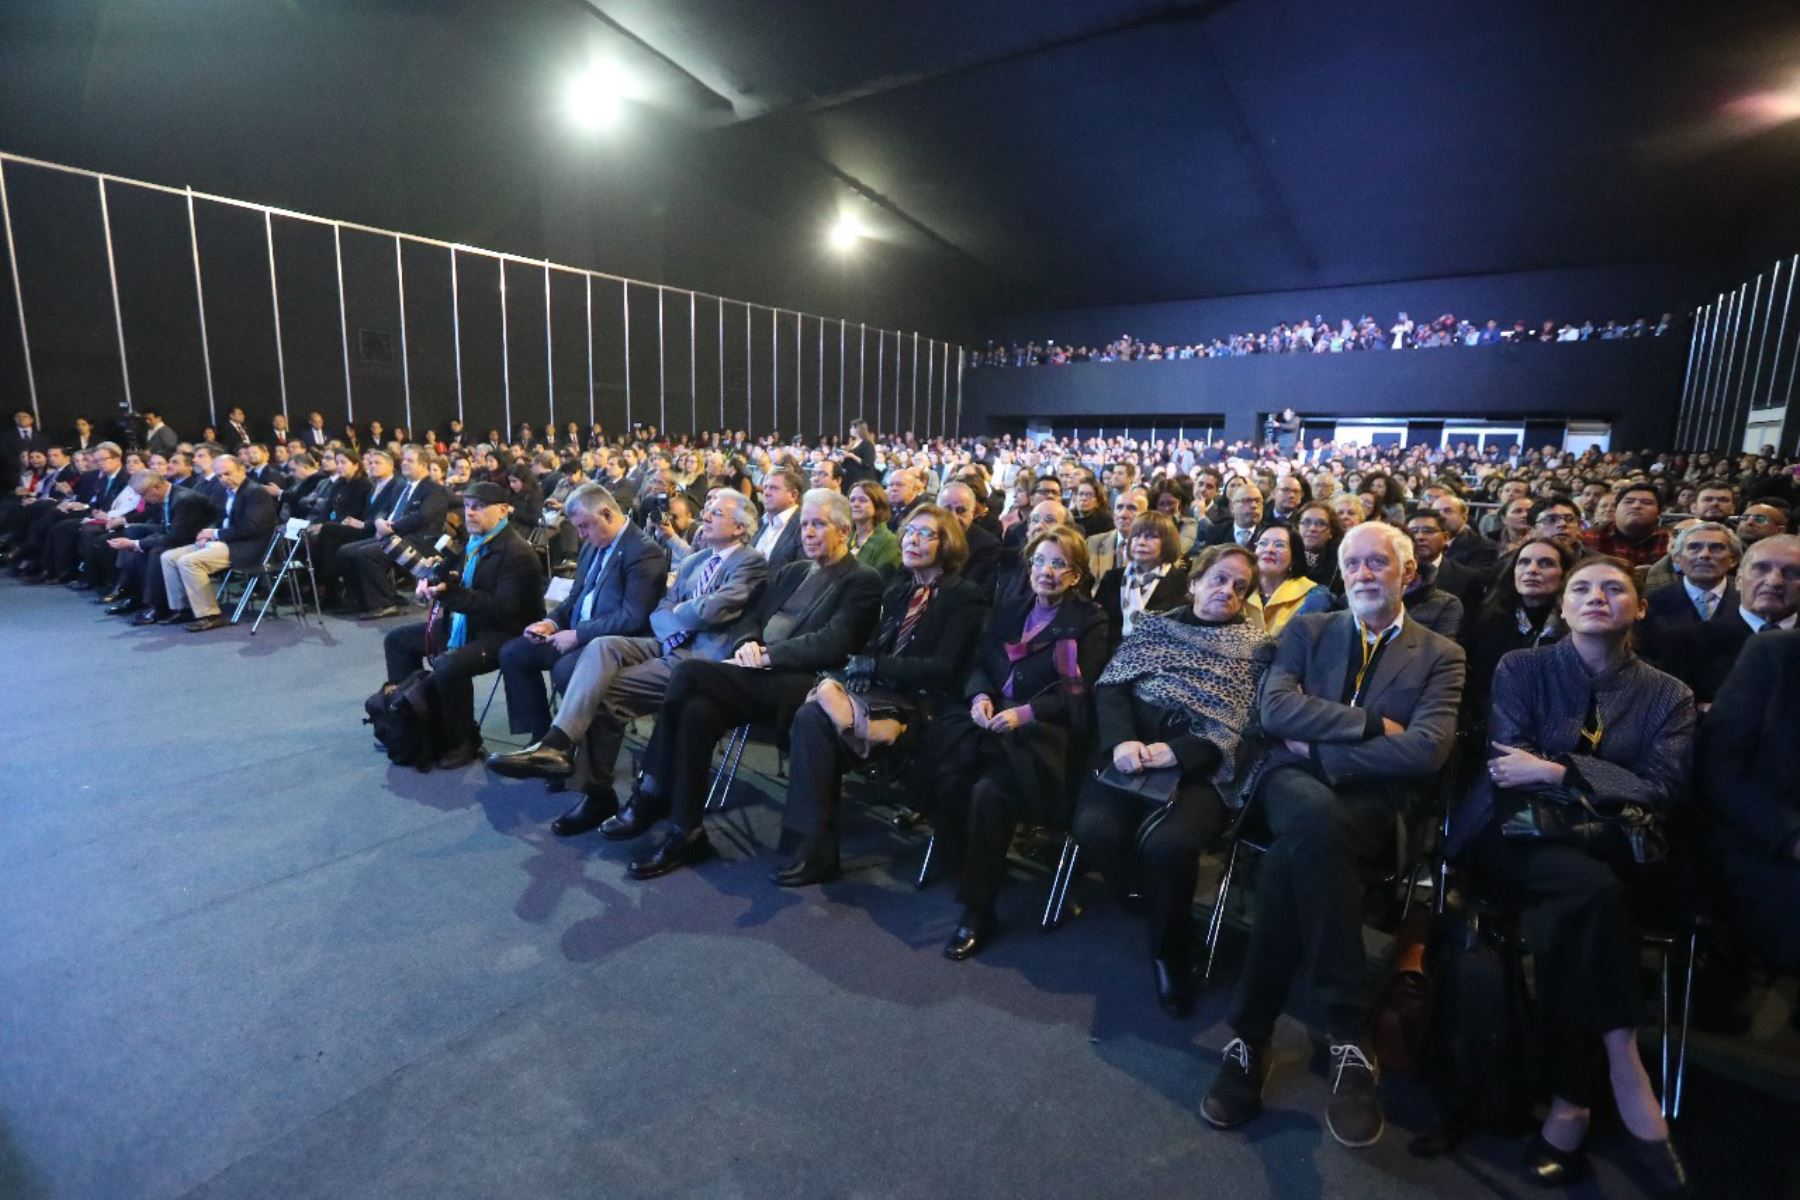 El presidente Martin Vizcarra participo en la ceremonia de inauguración de la 24.ª Feria Internacional del Libro de Lima.FotoANDINA/Prensa Presidencia